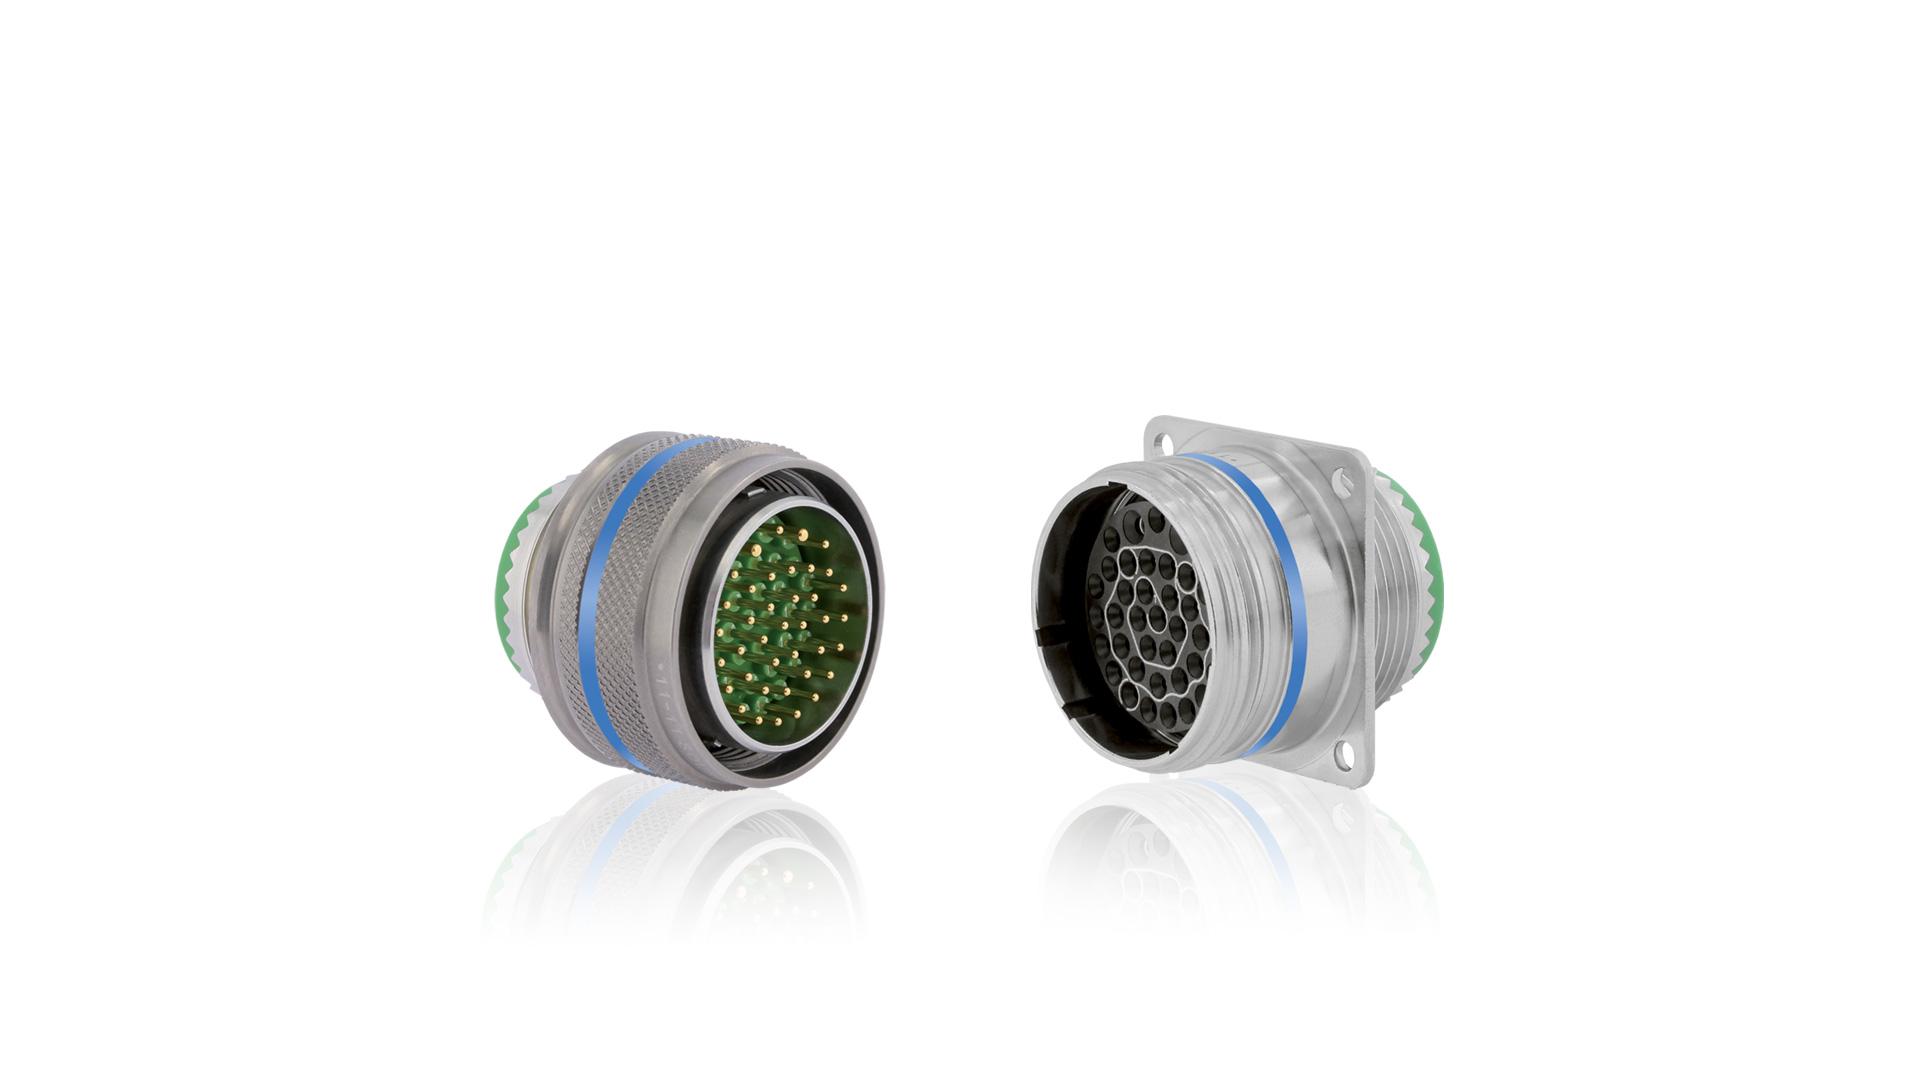 EN2997 connectors